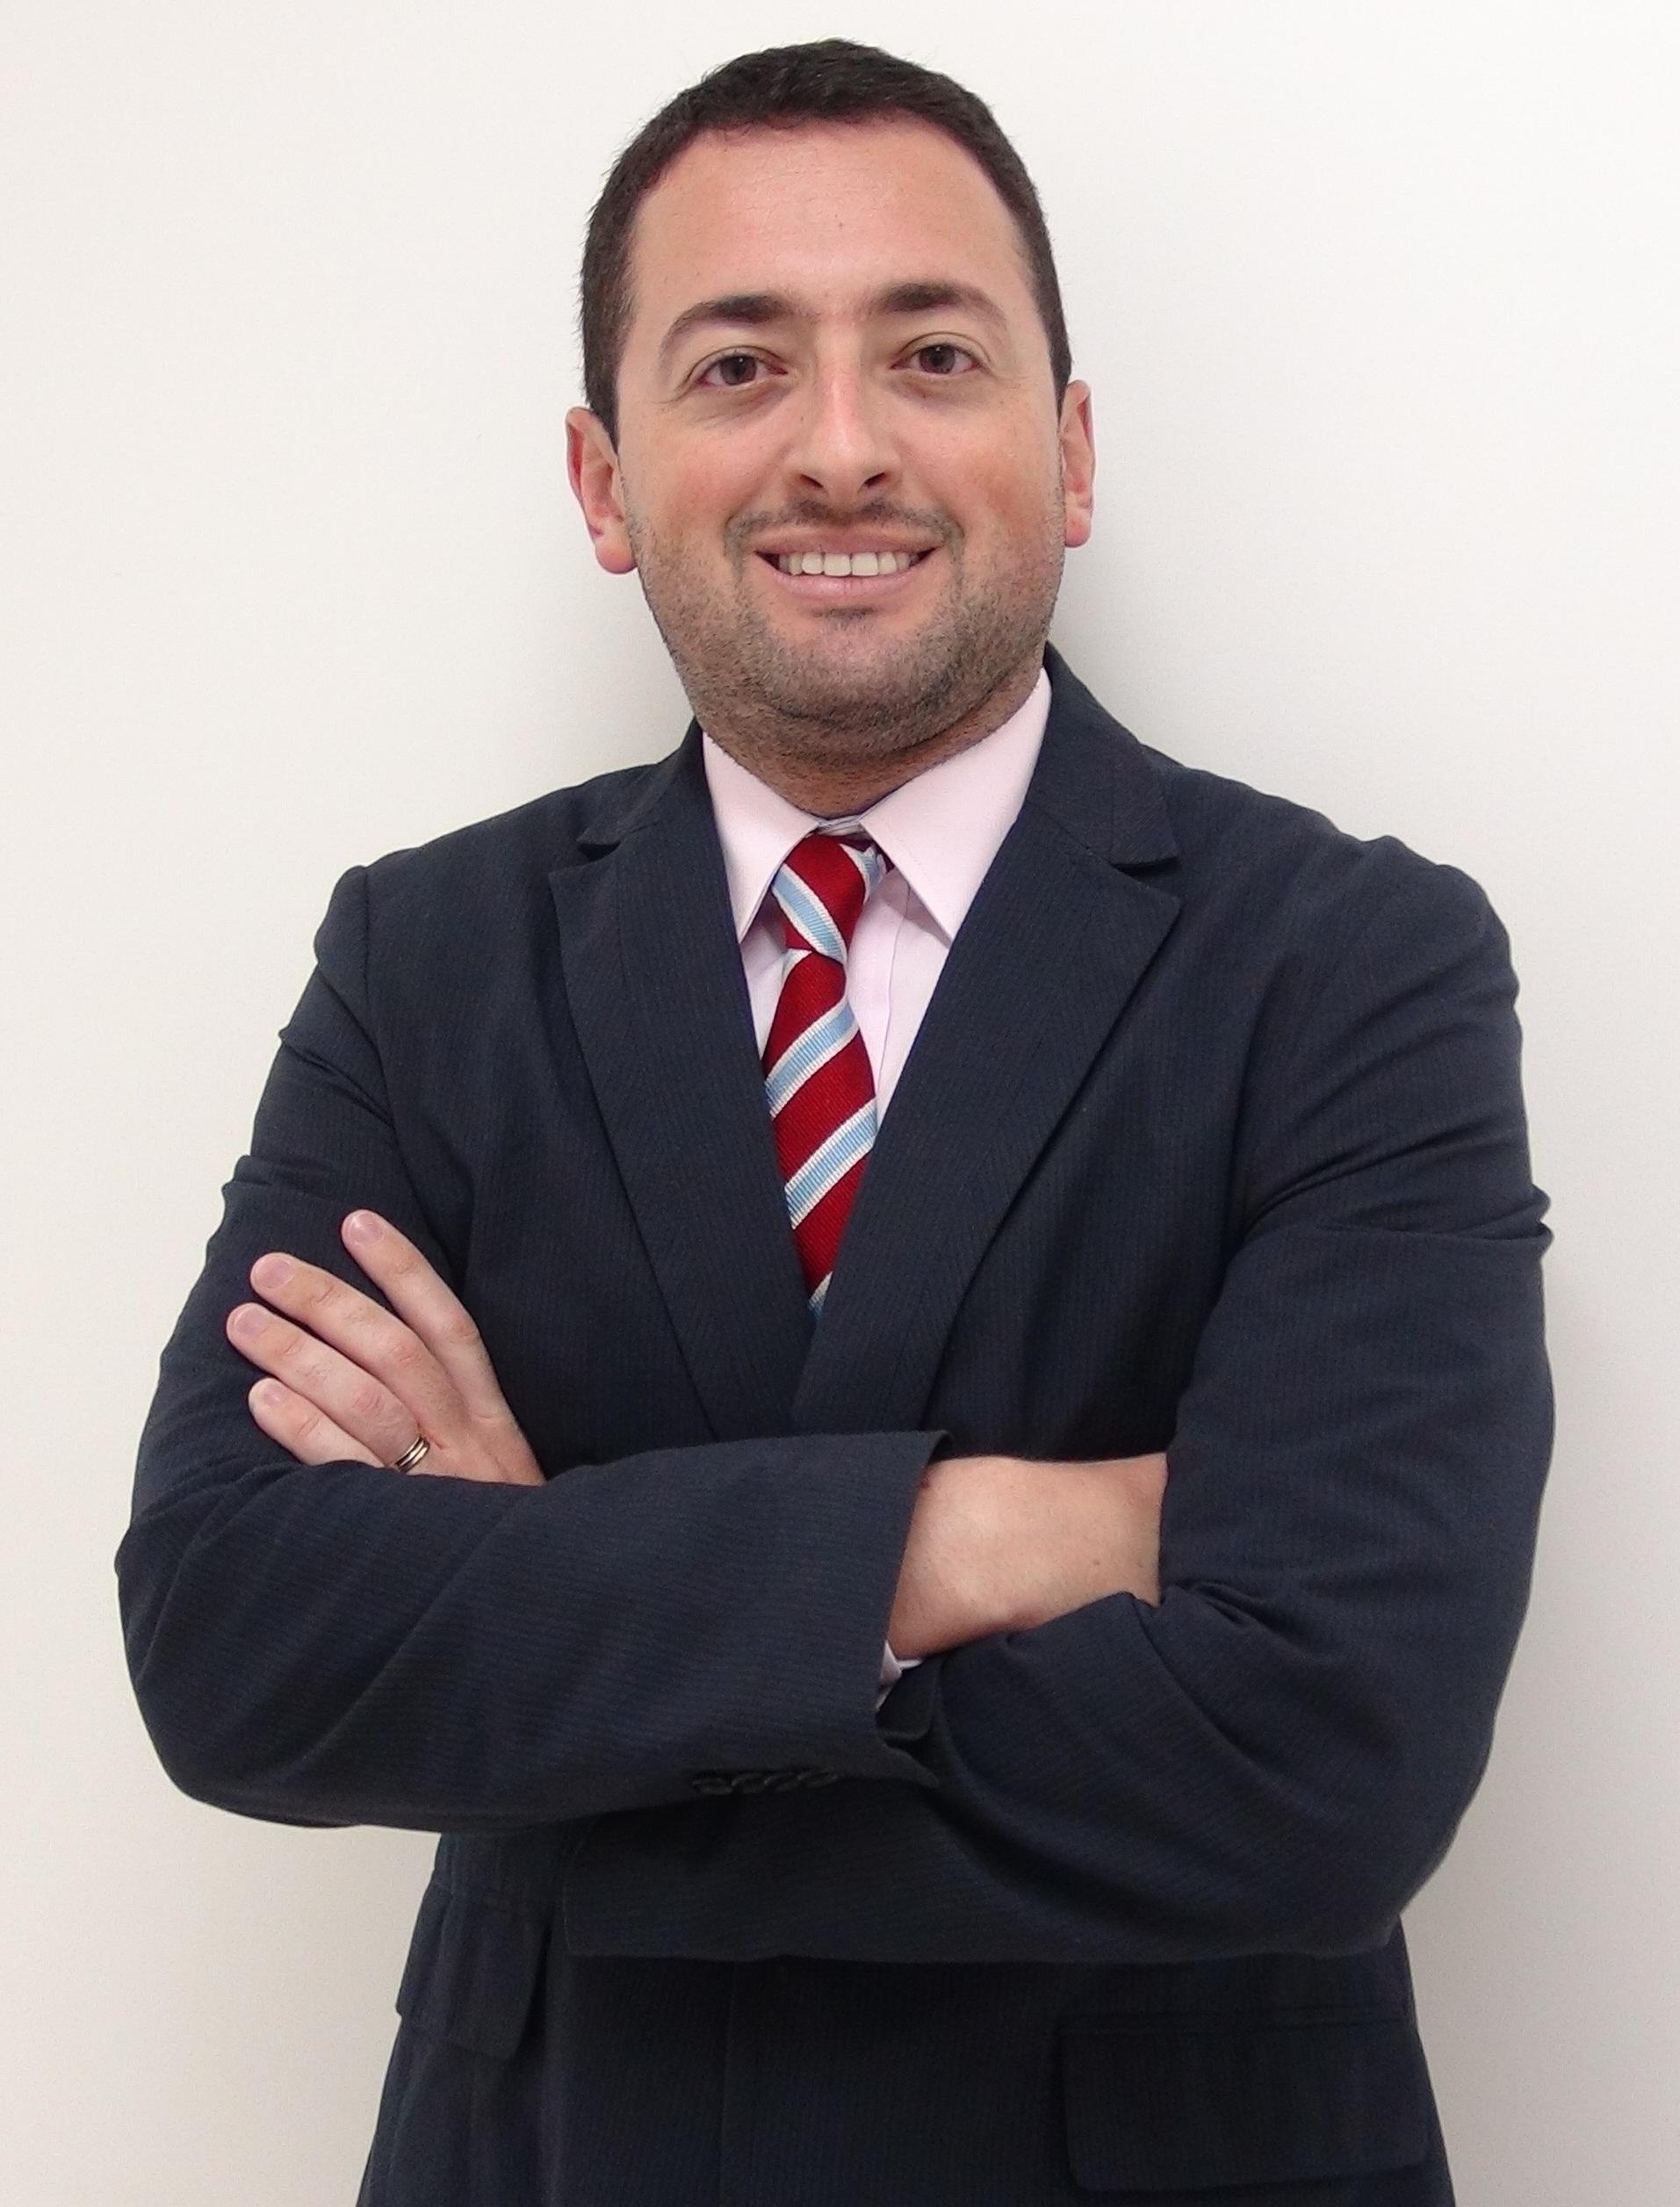 Haroldo Lourenço